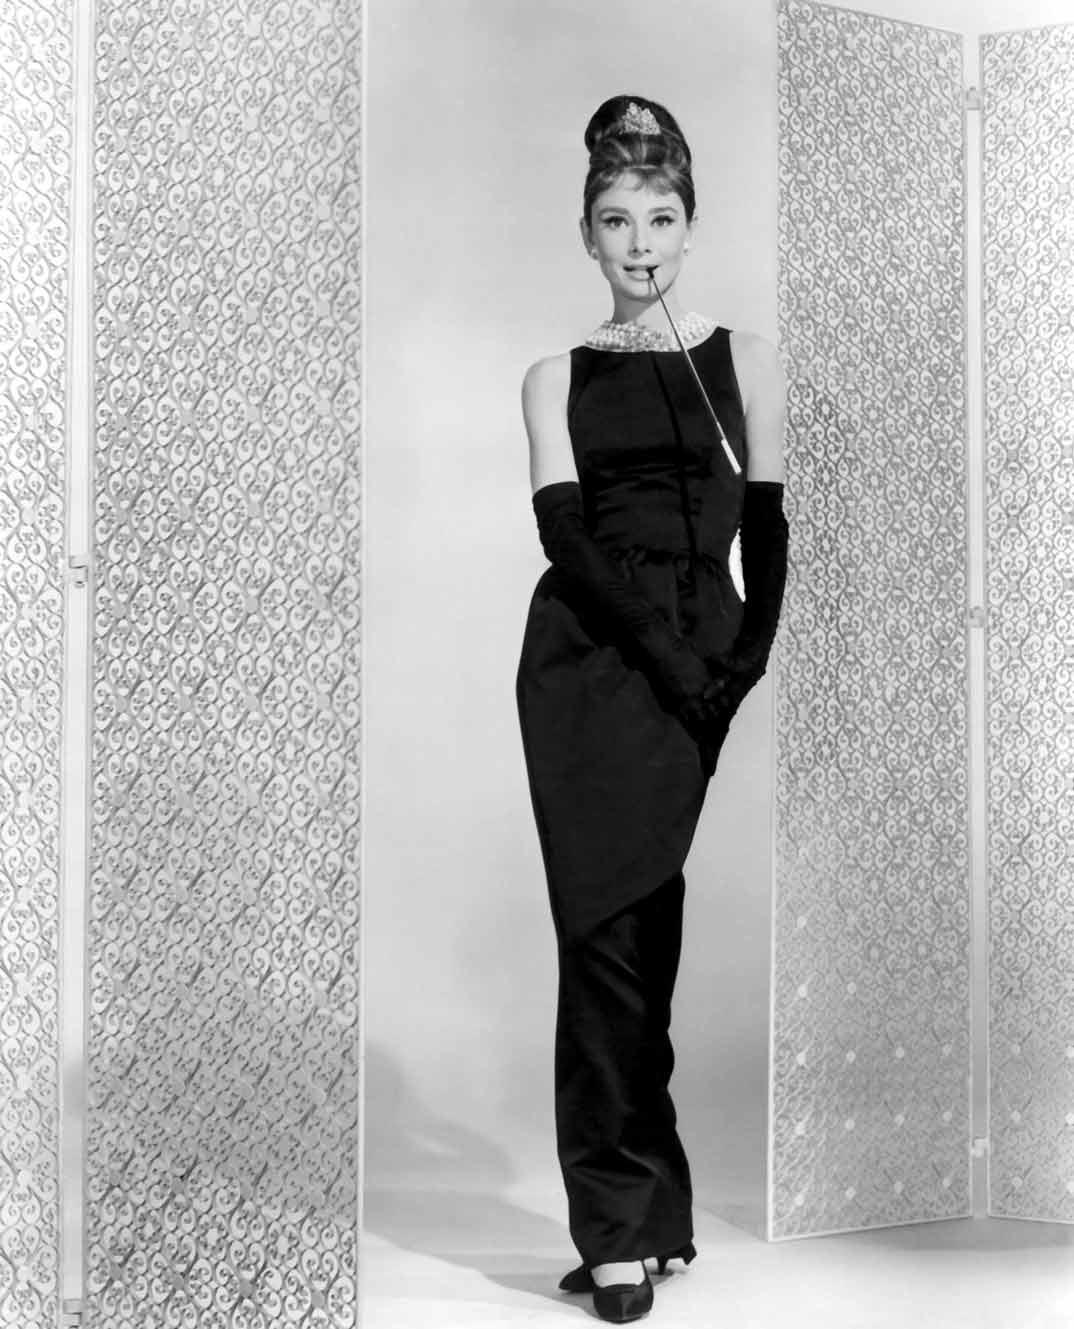 Audrey-Hepburn-Desayuno-con-diamantes